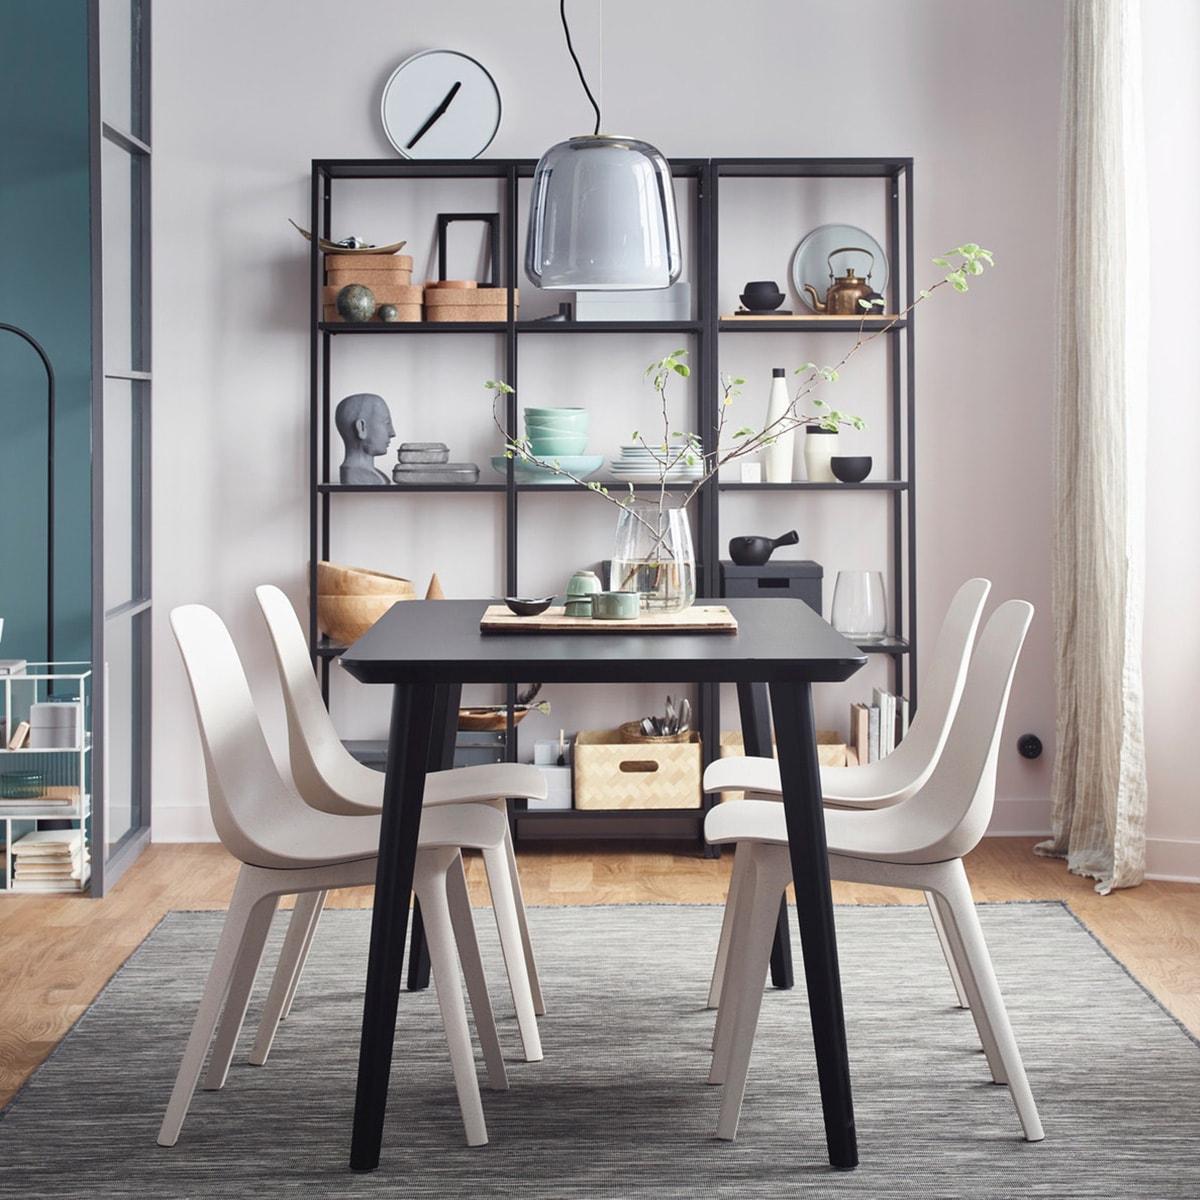 Inspiration et idées pour la salle à manger - IKEA